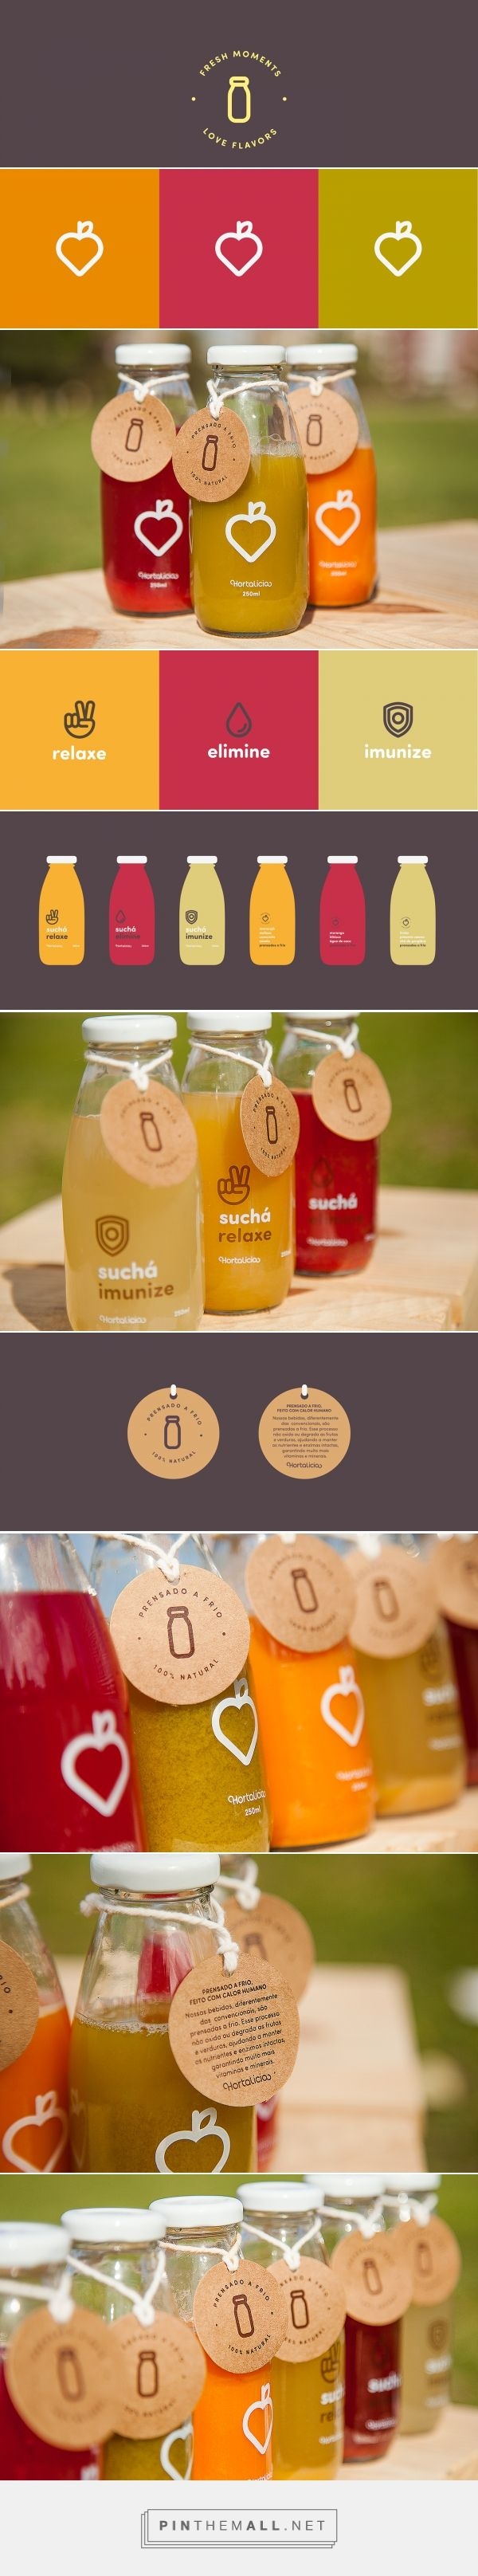 Sucos e Suchás Hortalícia on Behance curated by Packaging Diva PD. Para trabalhar estes atributos do produtos, as embalagens primam pelo minimalismo e transparência, dando protagonismo ao suco e ressaltando os ingredientes que o compõem.